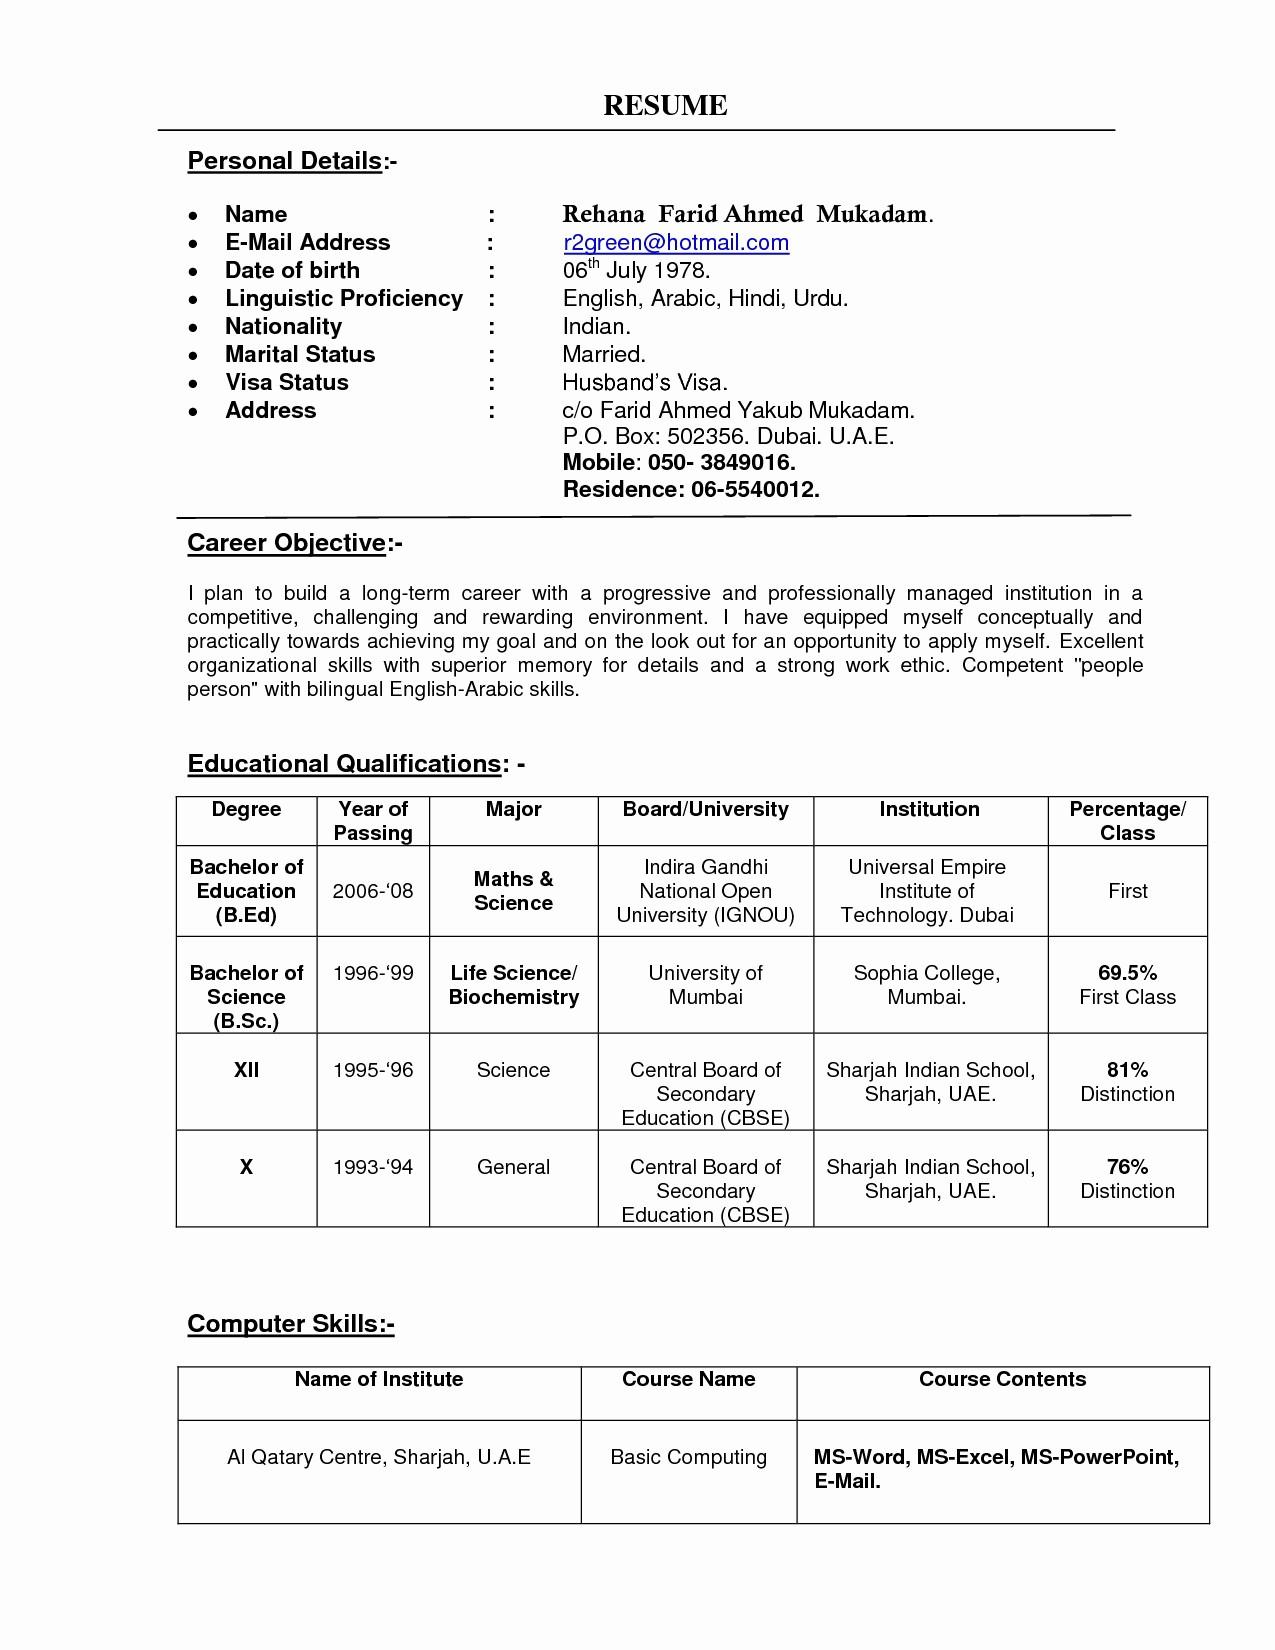 Teacher Resume format In Word Lovely Resume Templates for Teachers In India